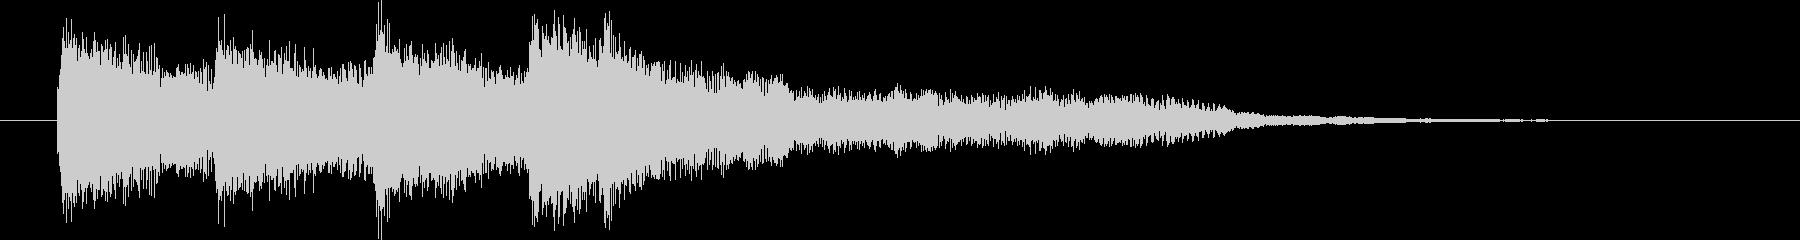 ピンポンパンポン(上昇)の未再生の波形